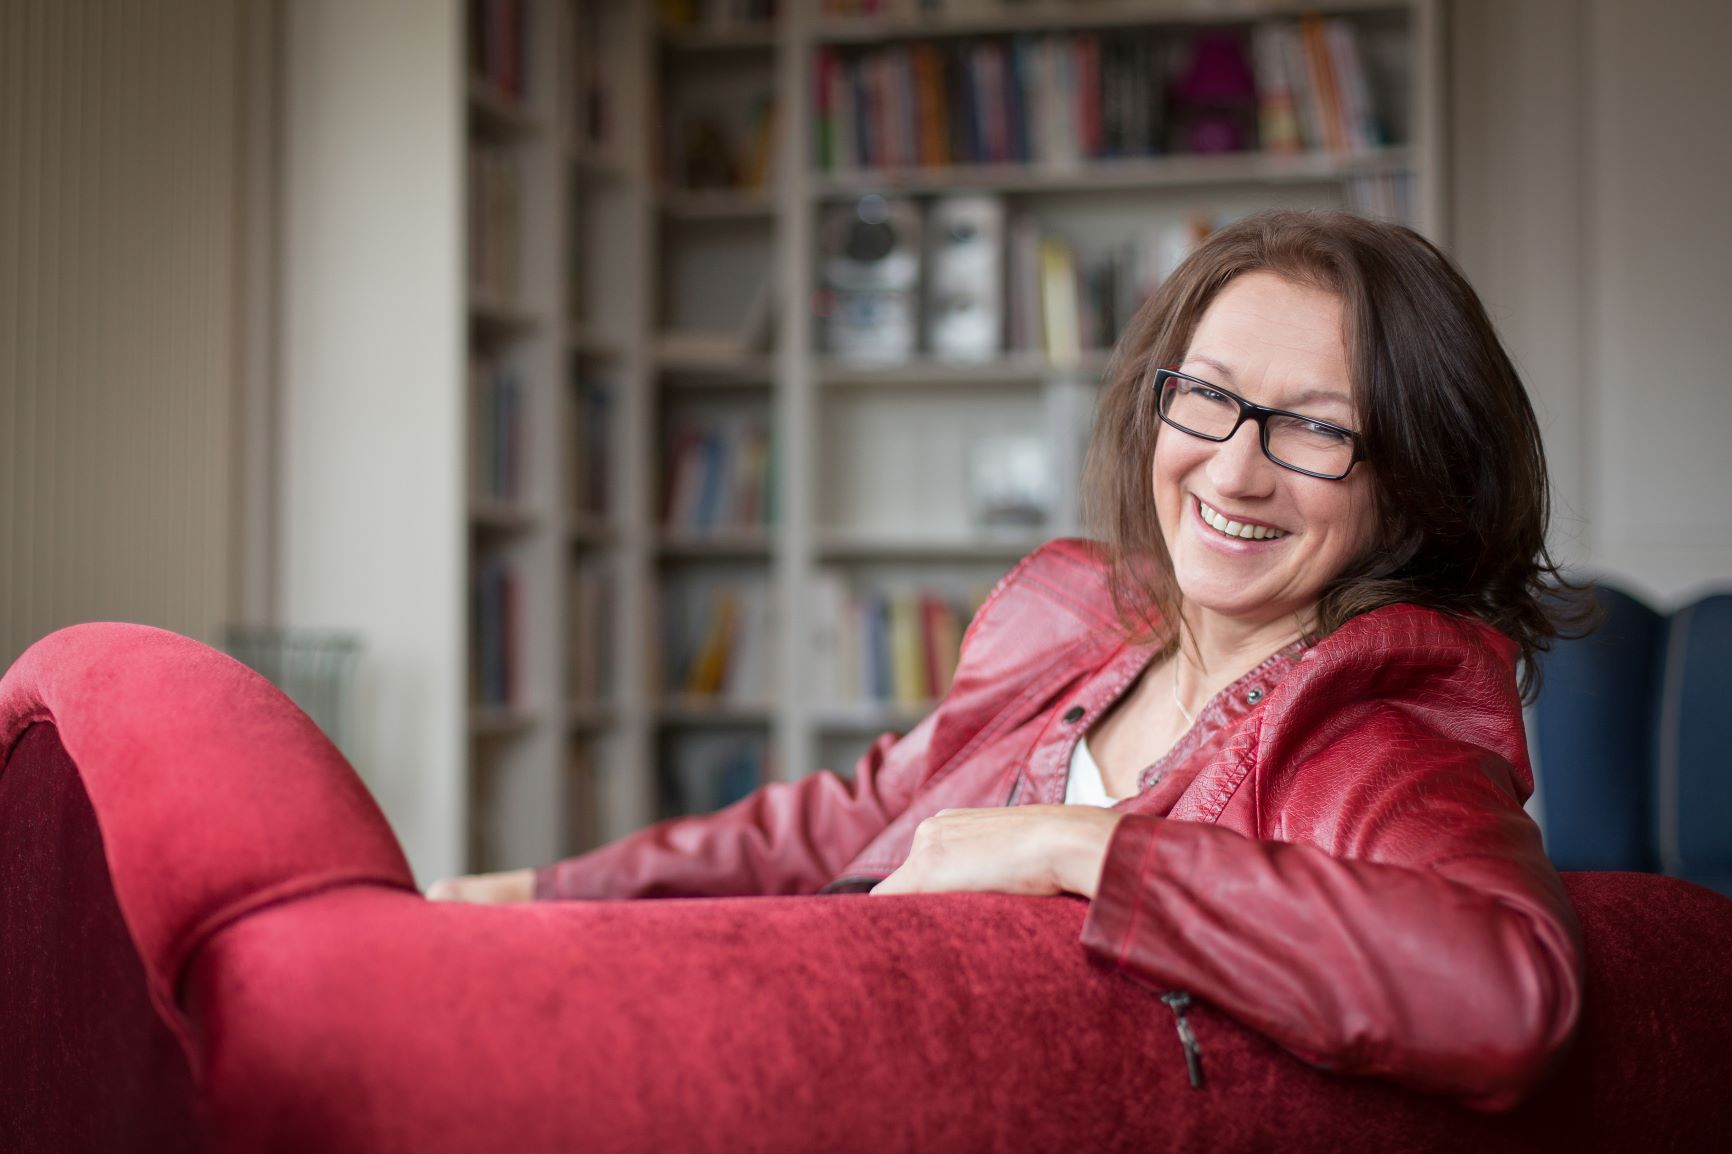 Daniela Pucher: Ich bin Autorenberaterin für Sachbücher